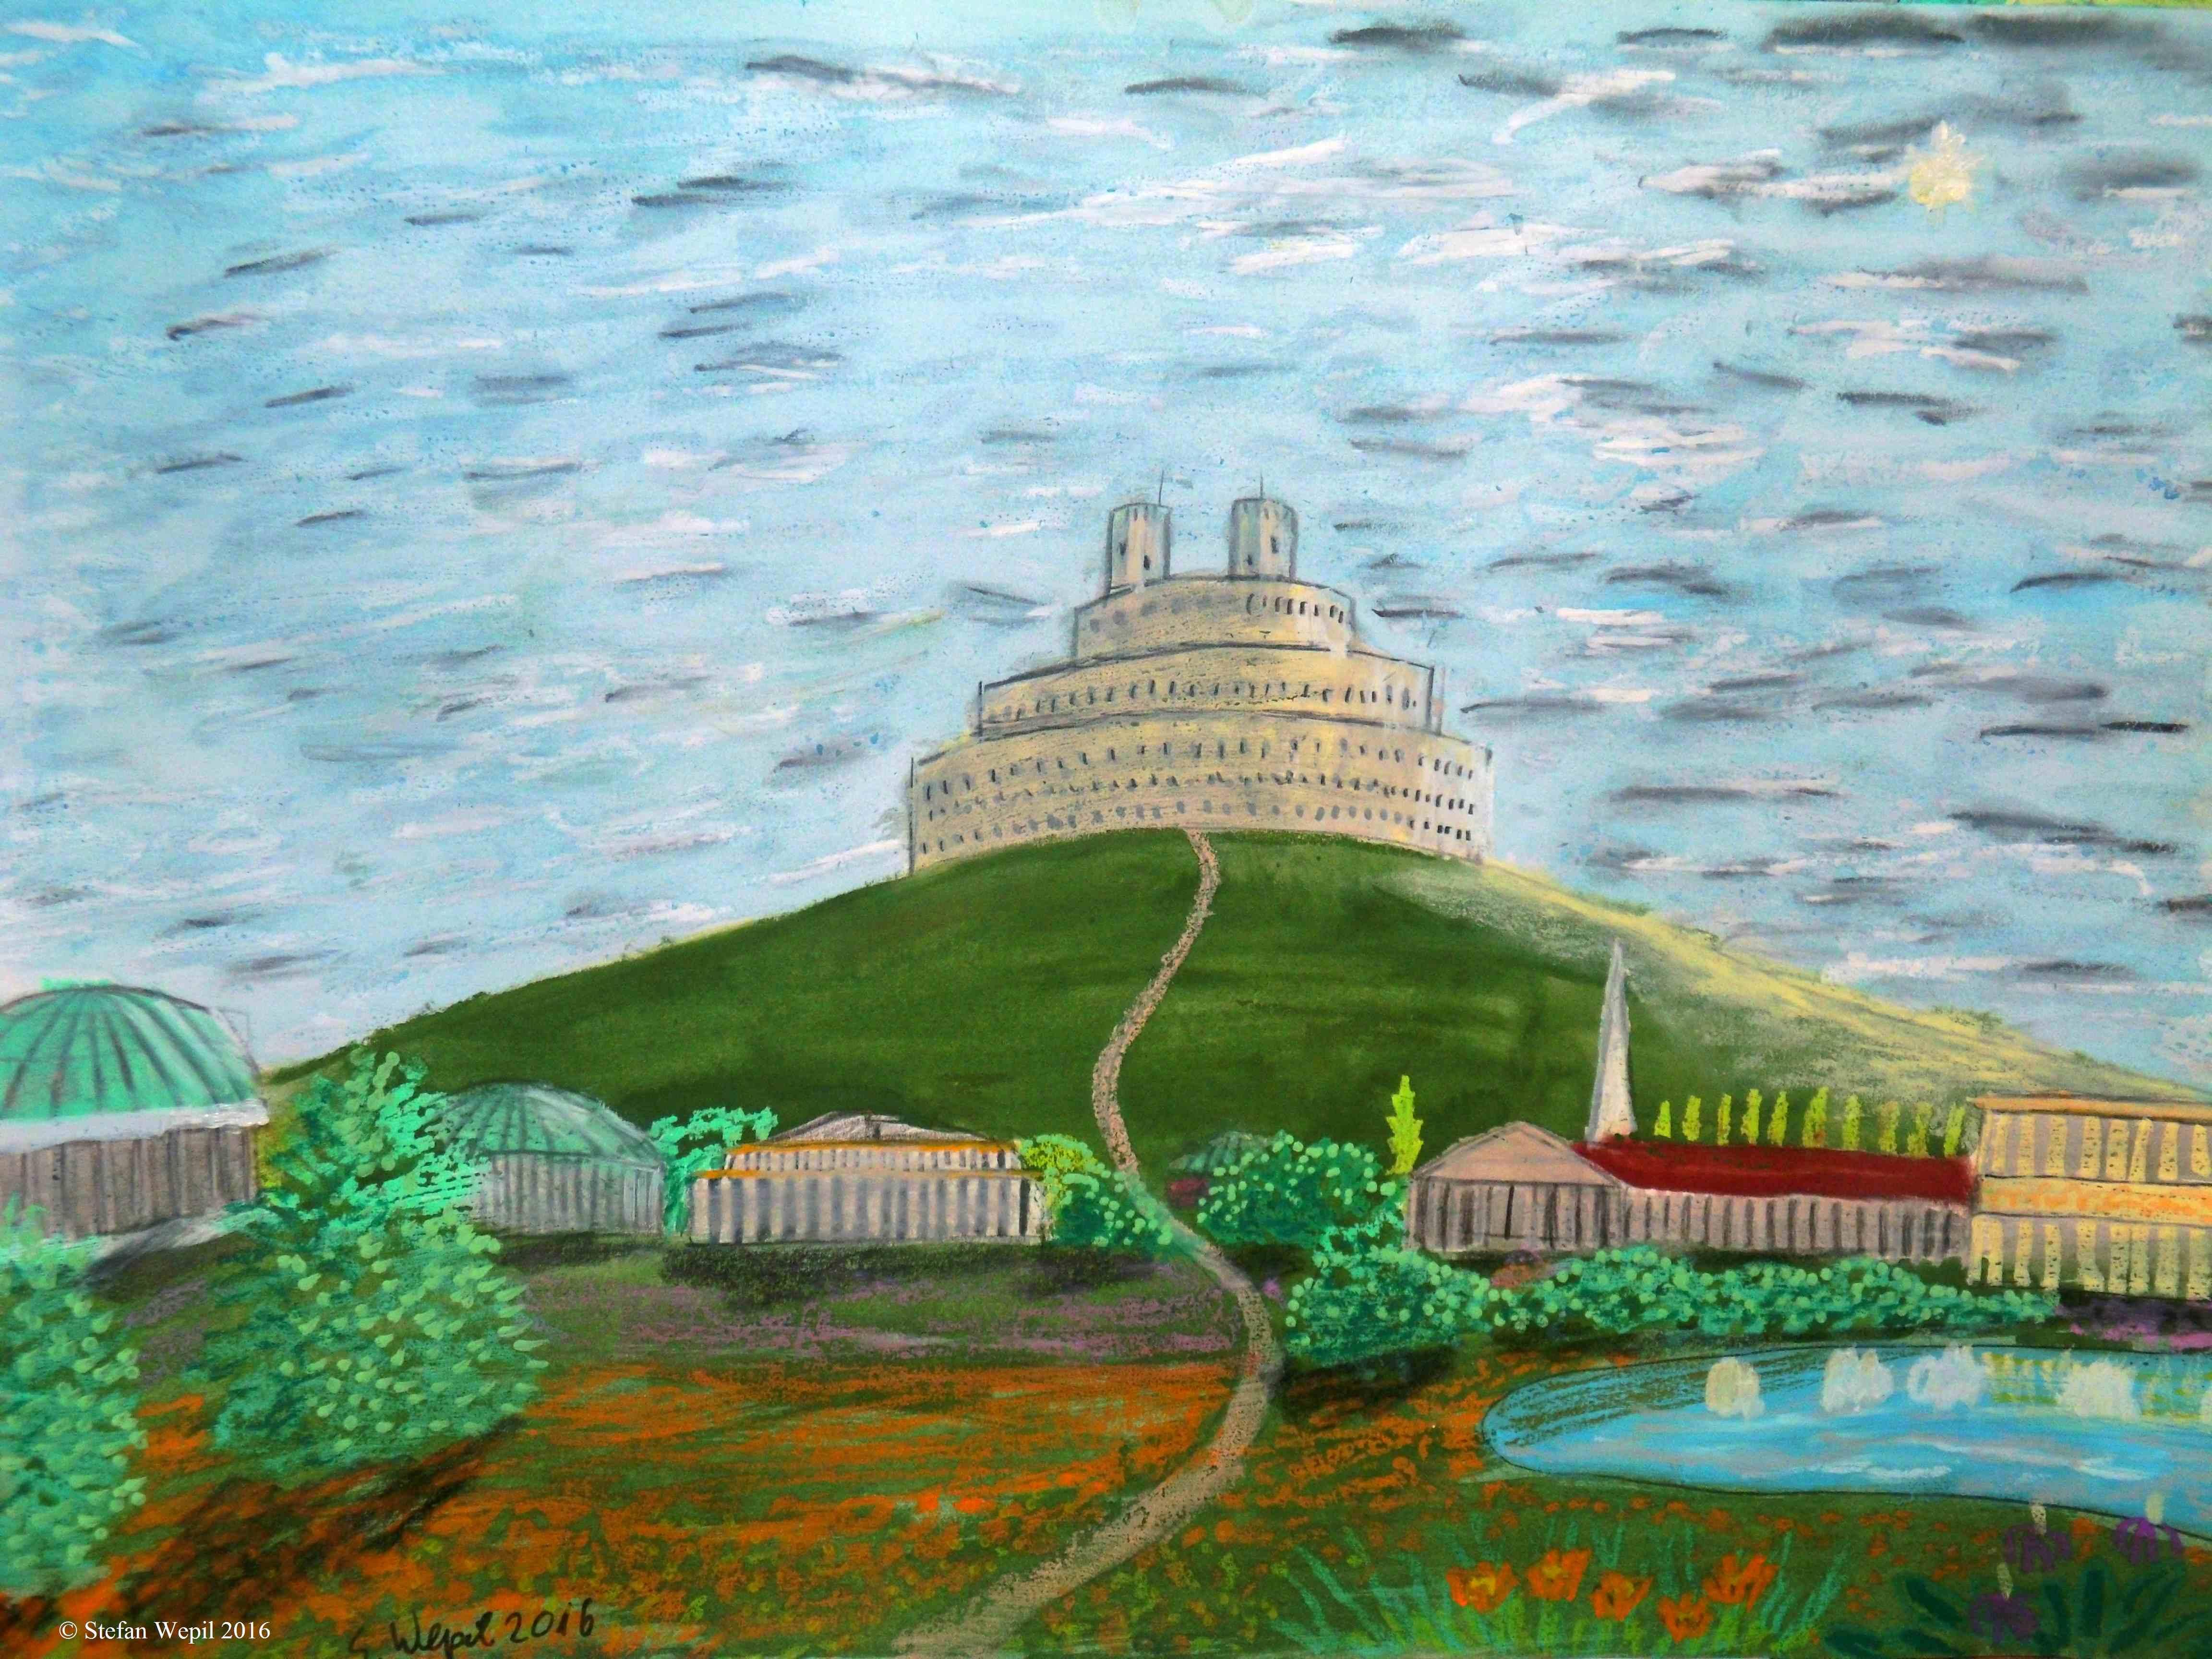 Die Paton-Zitadelle von Dom, der Hauptstadt des Planeten Dorgon. (C) Stefan Wepil